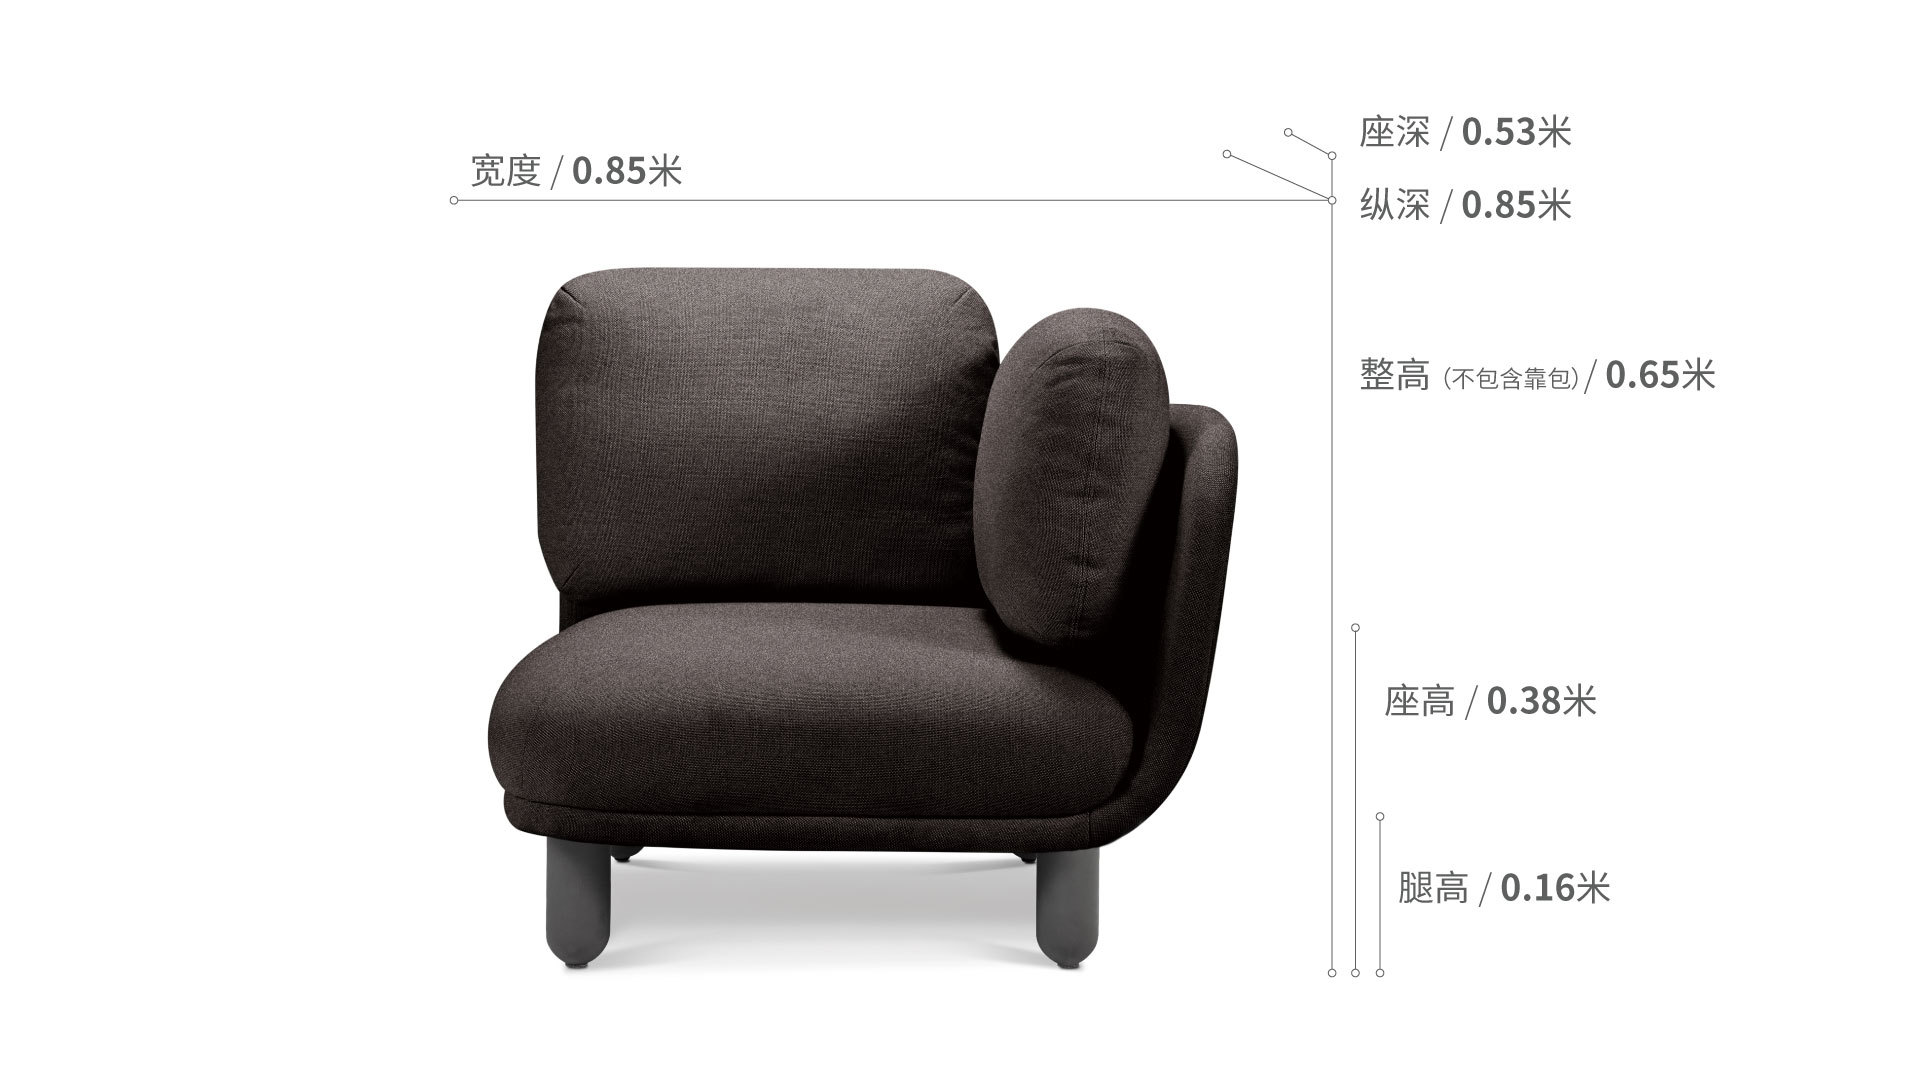 云团沙发升级版单人座右扶手沙发效果图